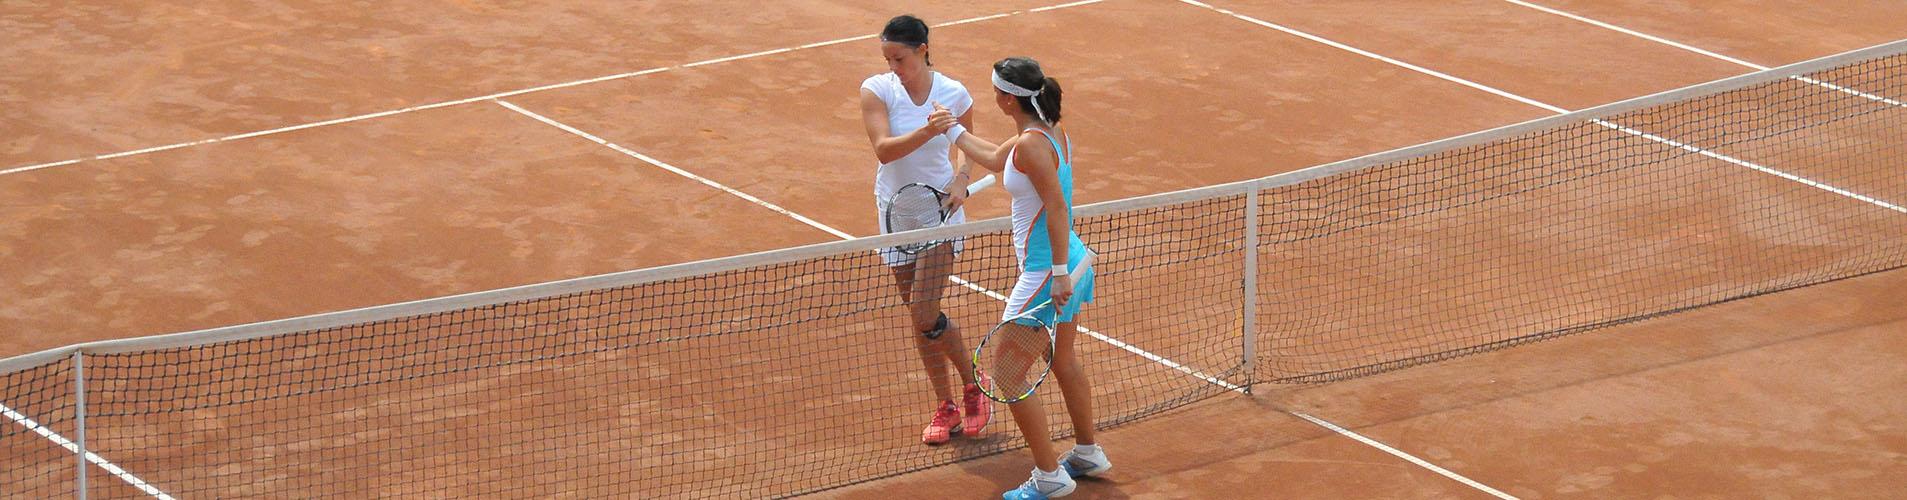 2 jucatoare de tenis terminand un meci de tenis pe terenul de zgura din Clubul Popeci